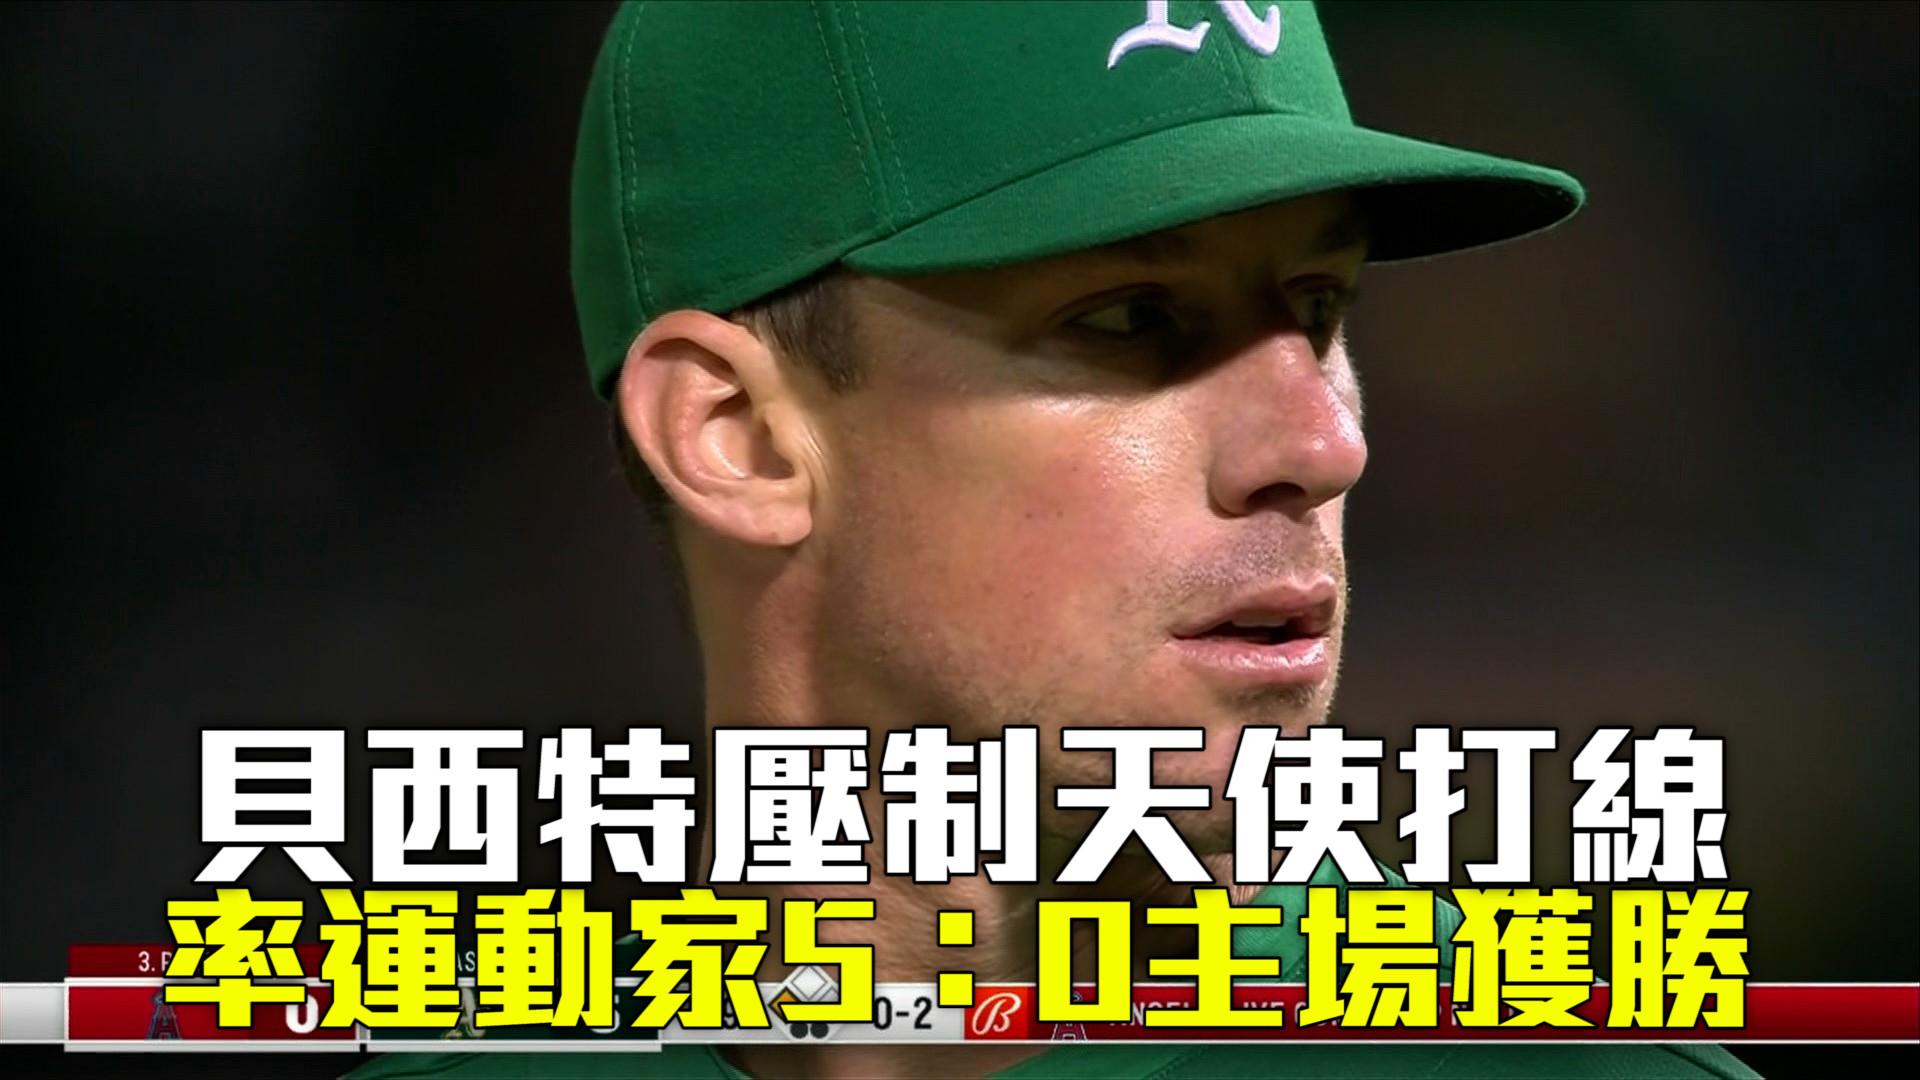 【MLB看愛爾達】貝西特壓制天使打線 運動家主場獲勝 05/28